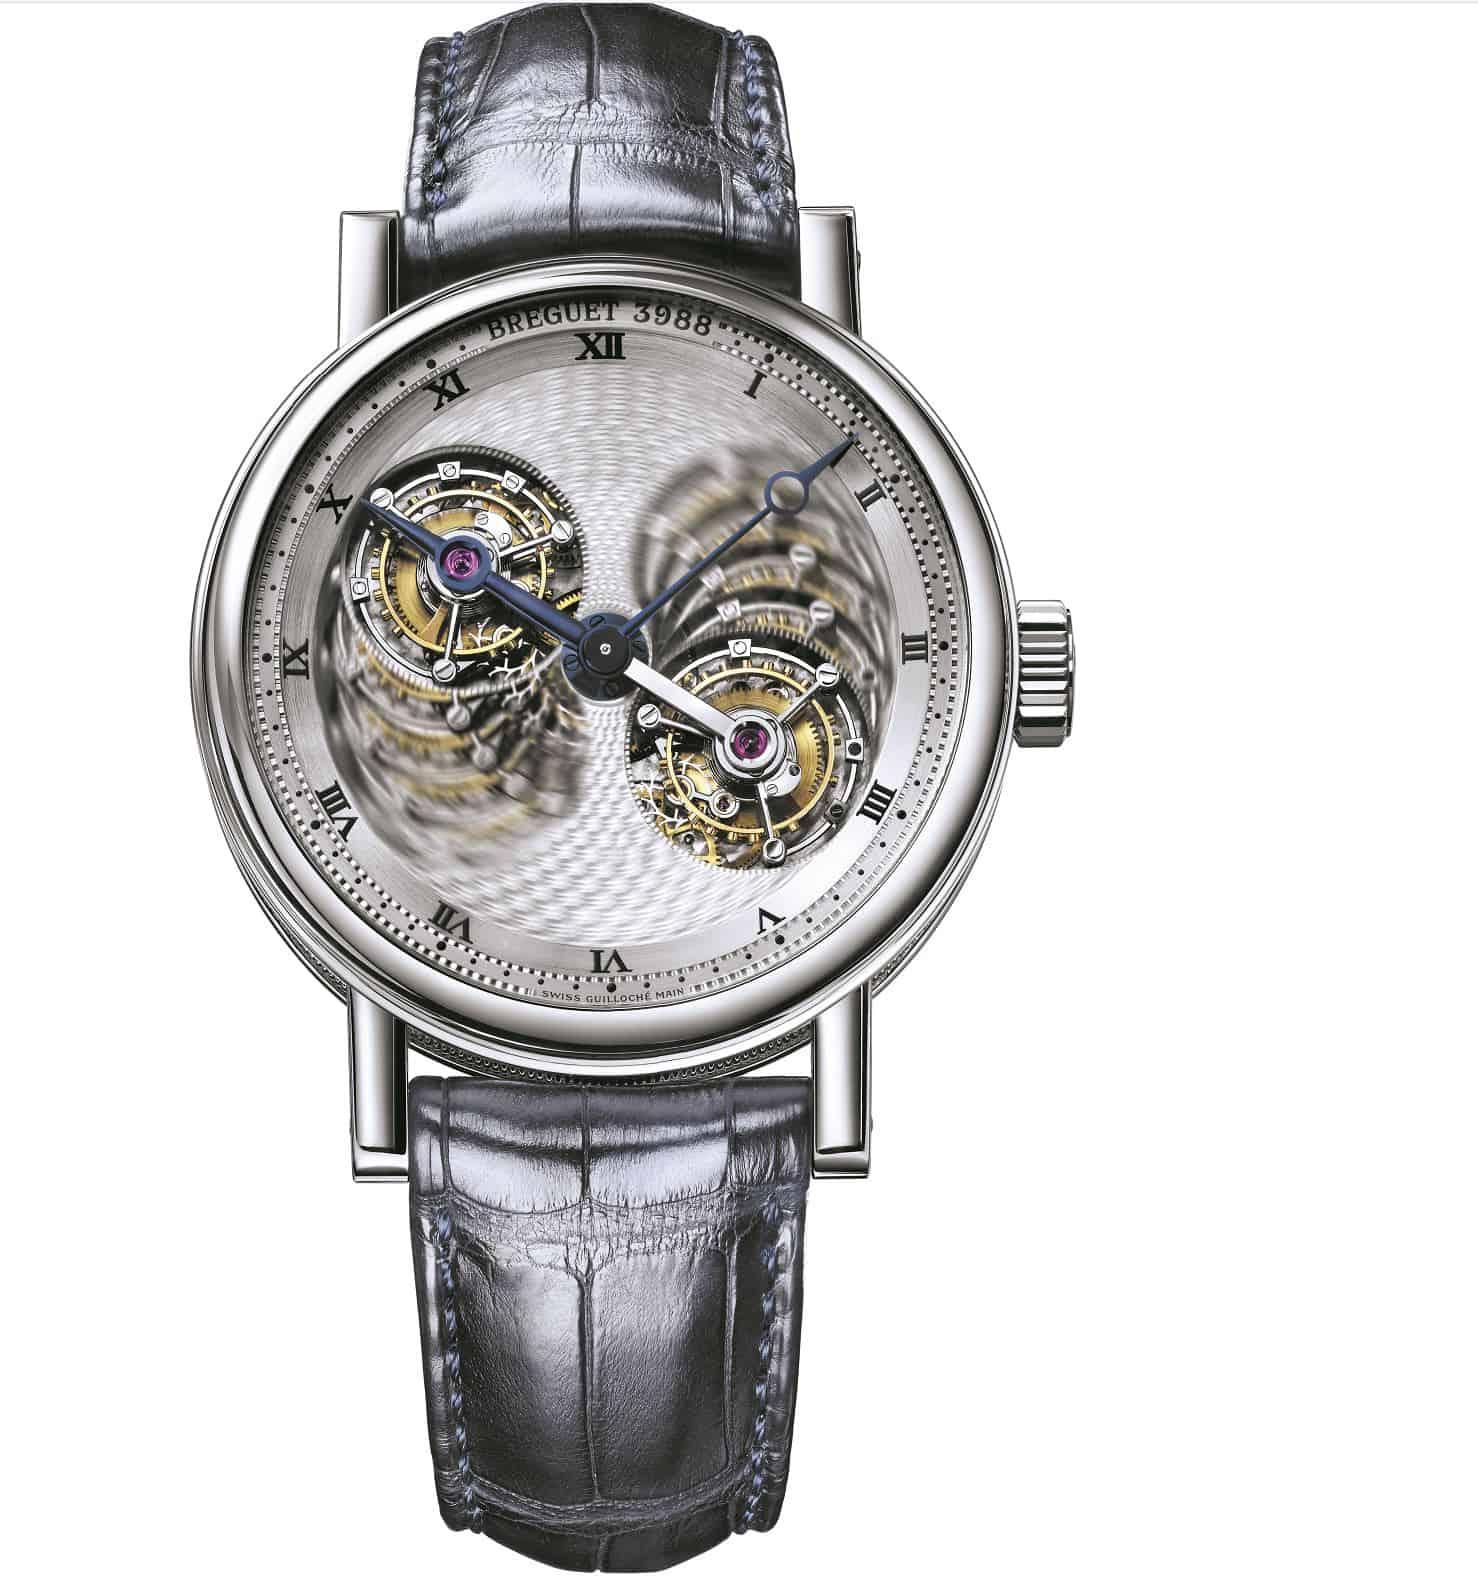 Ein oszillierendes Prunkstück für Uhrenliebhaber mit Sinn für Technik: Die Breguet Grande Complication Double Tourbillon 5347